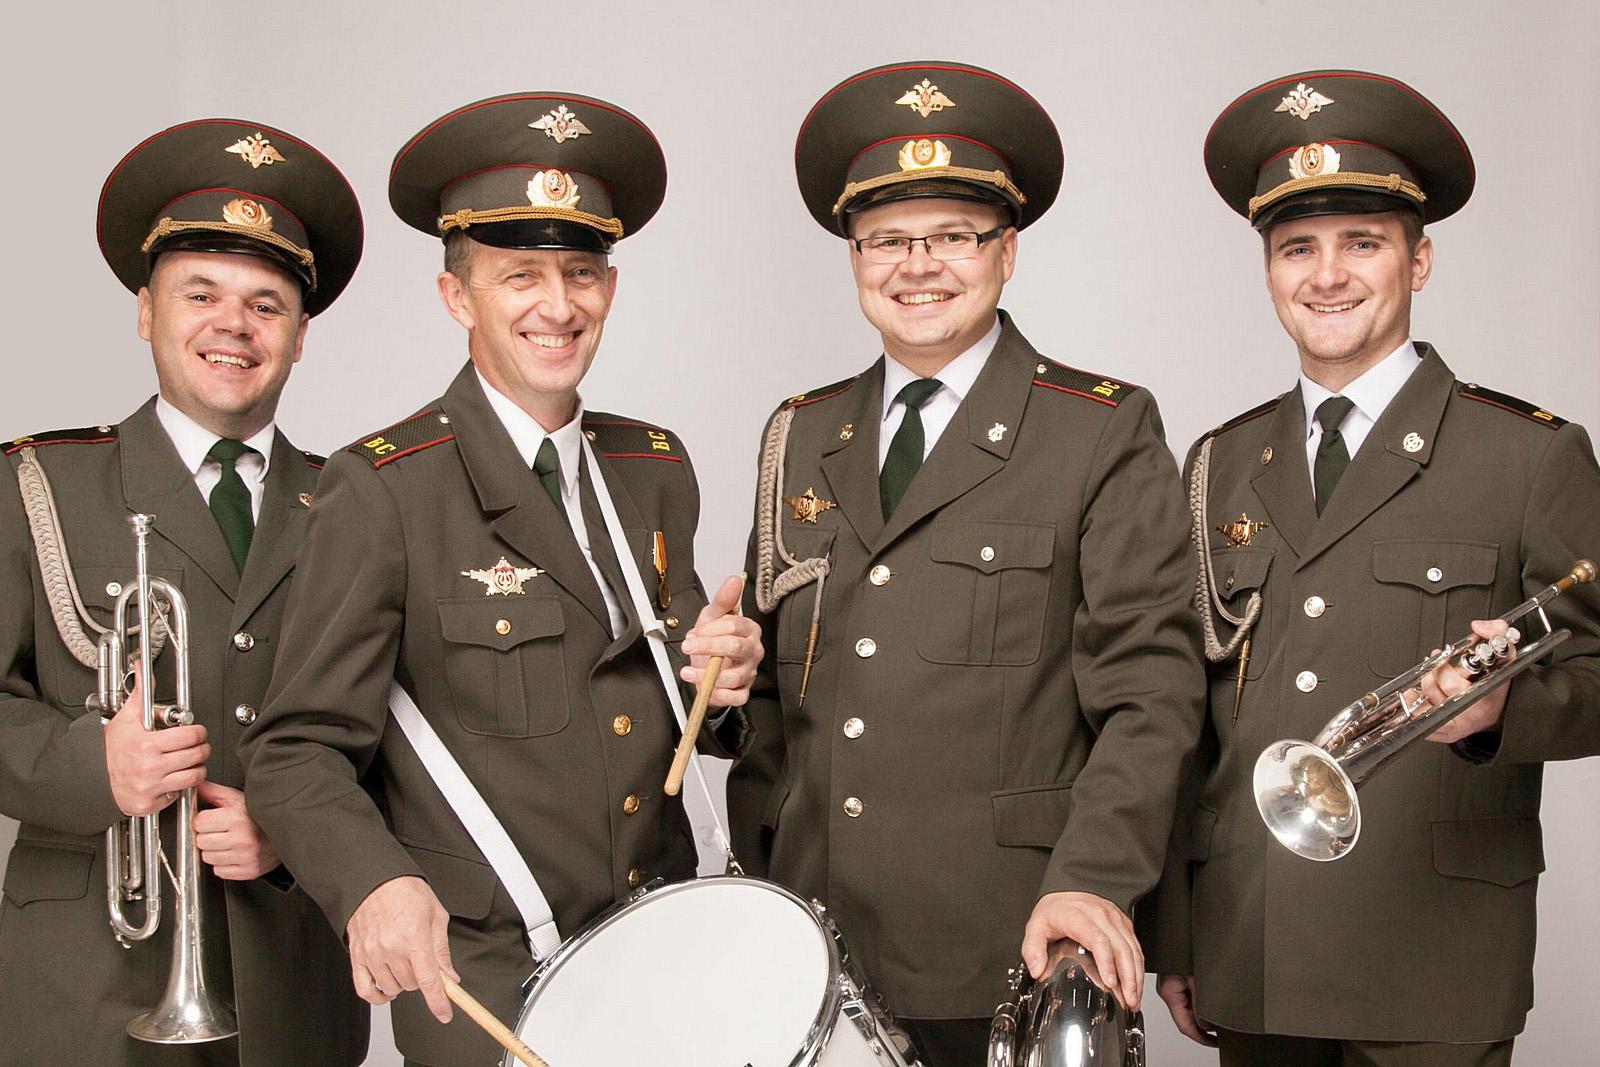 Цена оркестра, стоимость оркестра, цена духового оркестра, цена военного оркестра